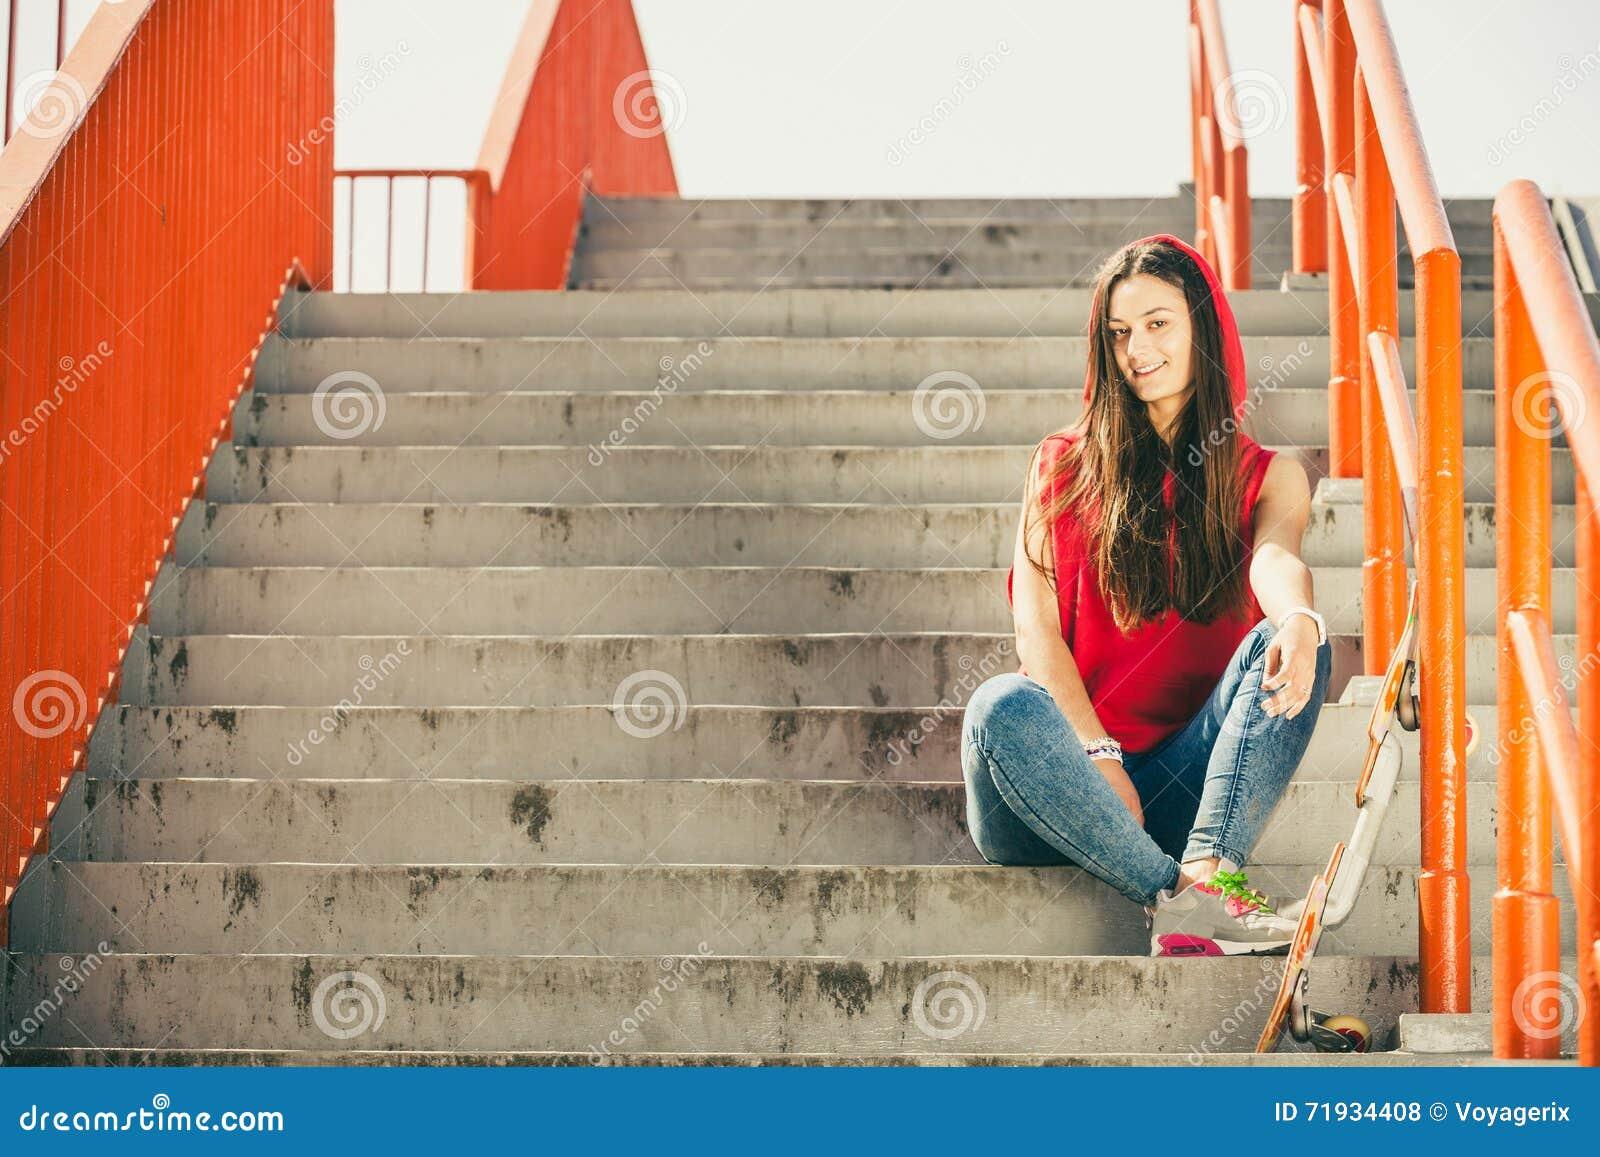 Девушка конька на лестницах с скейтбордом